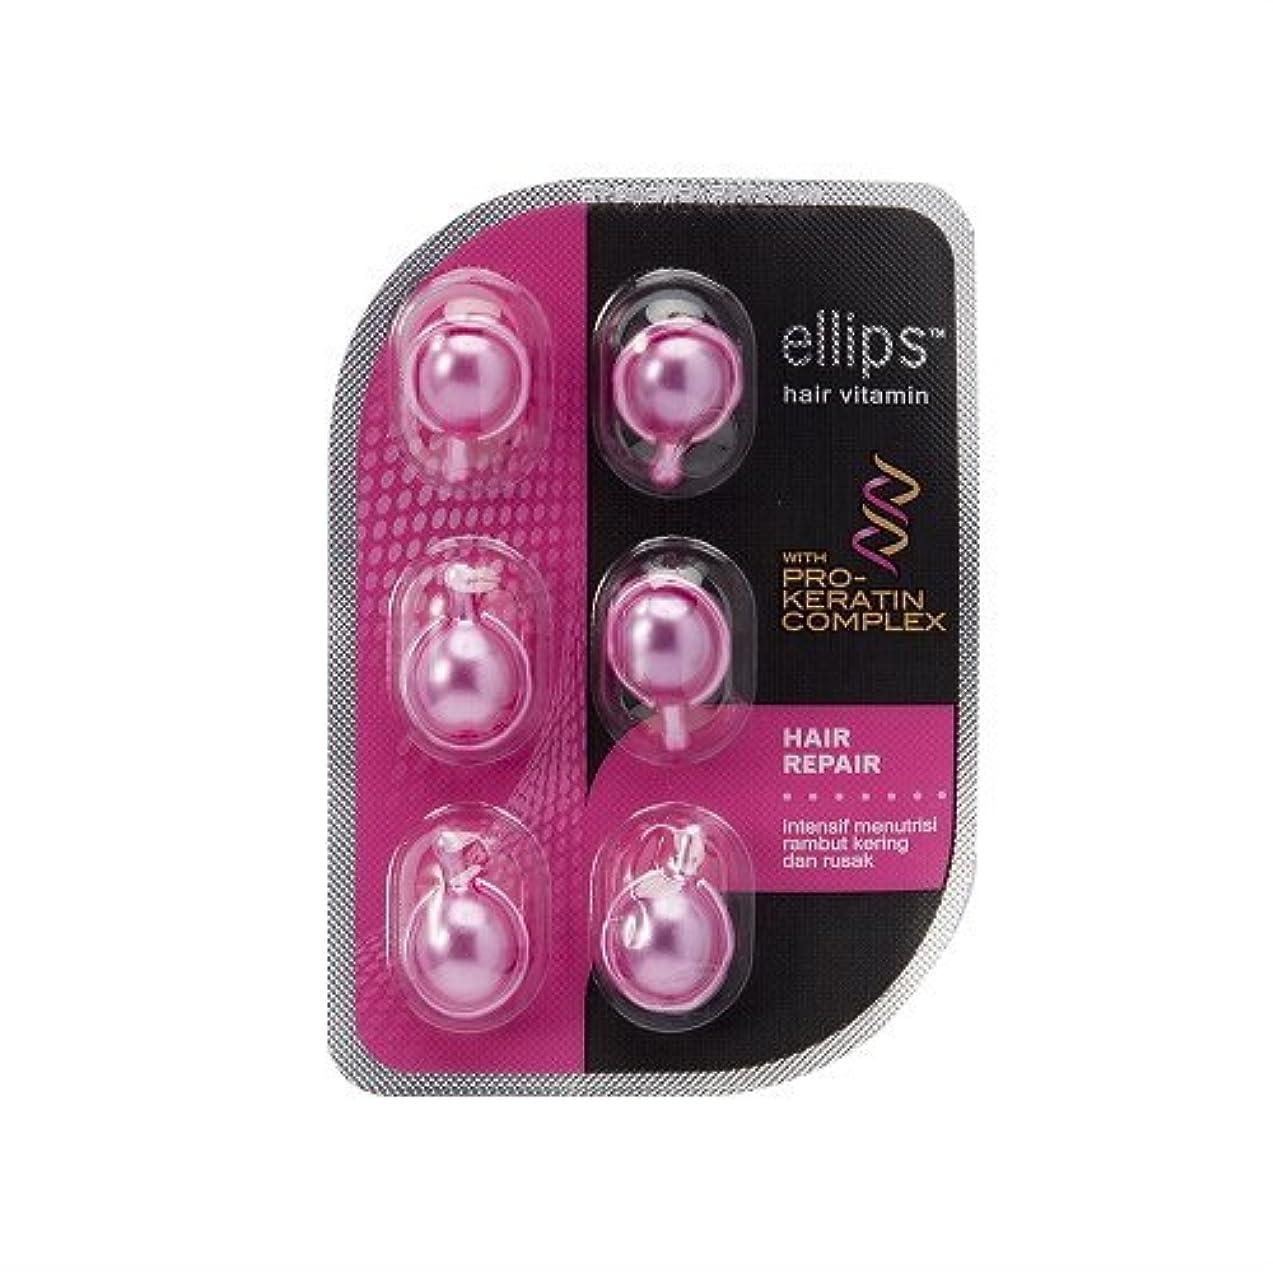 反射参加するゼリーellips(エリップス) ヘアビタミン 毛髪補修 ヘアリペア HAIR REPAIR (ピンク) 6粒入